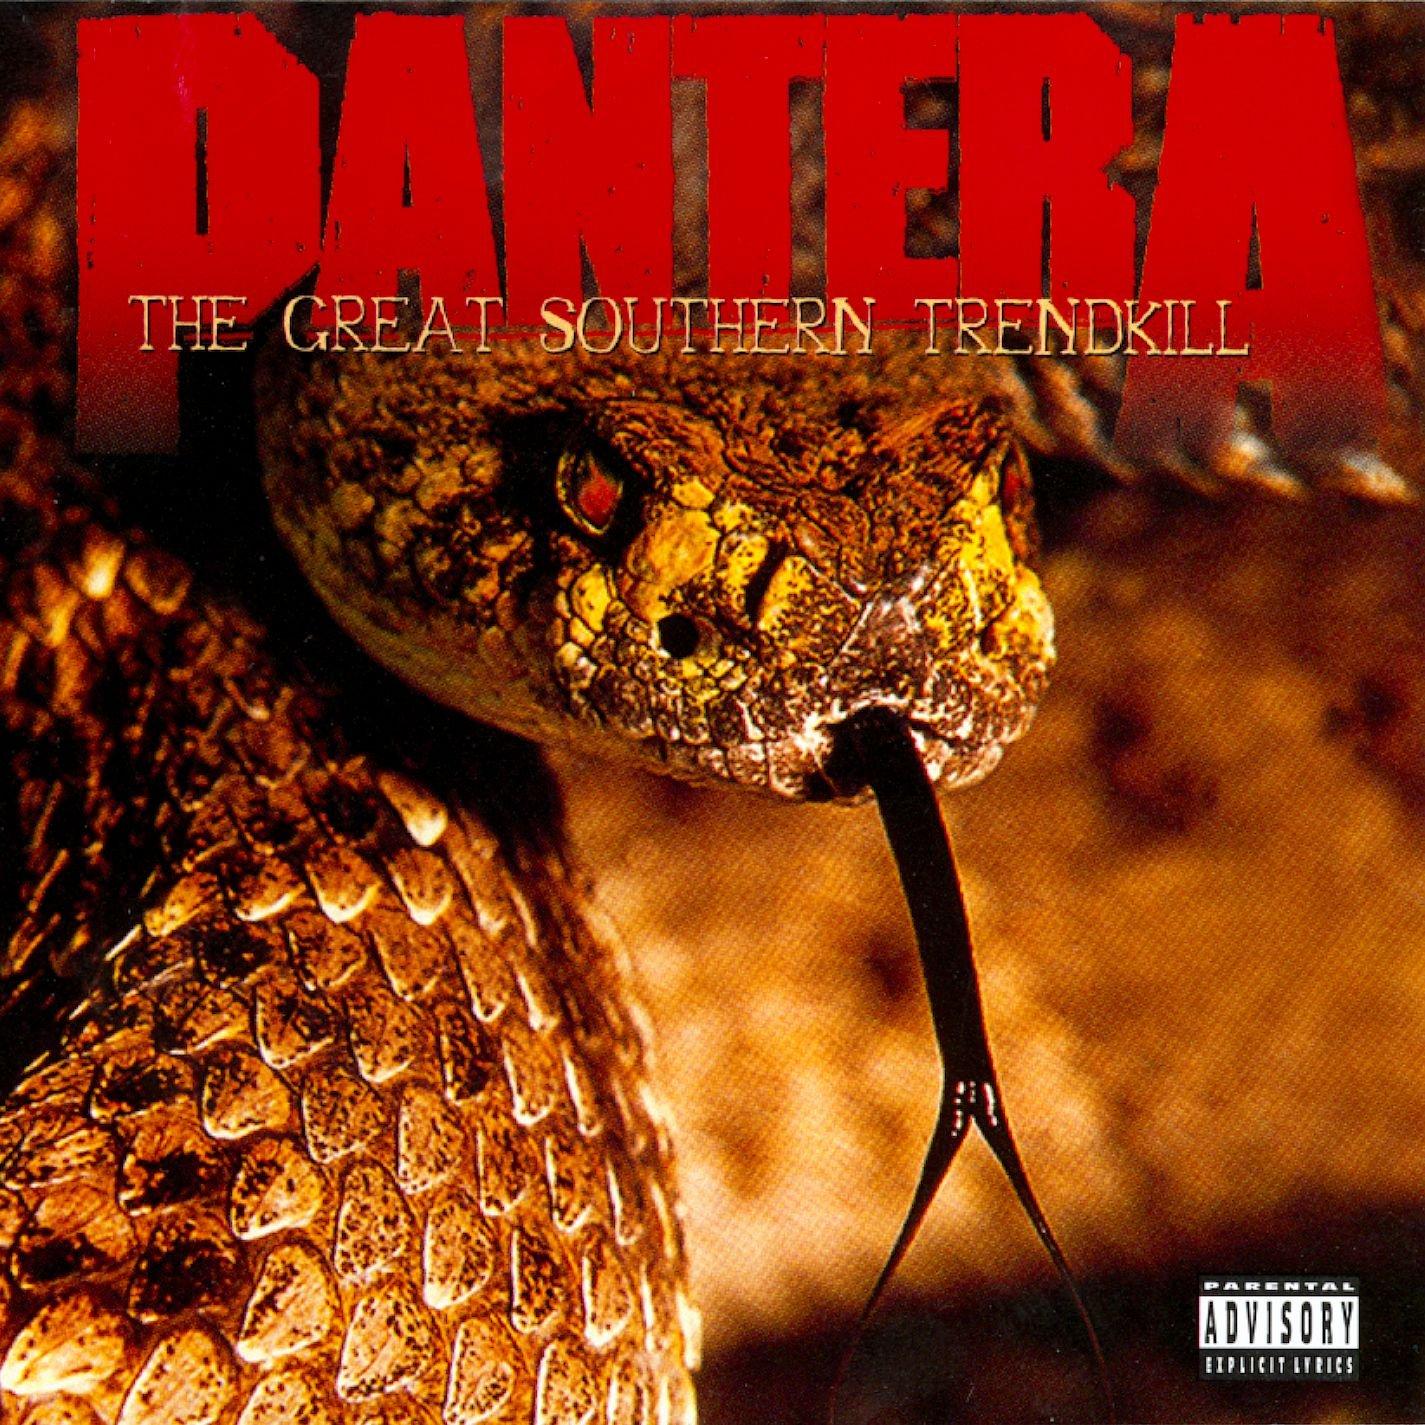 Pantera -The Great Southern Trendkill (1996)